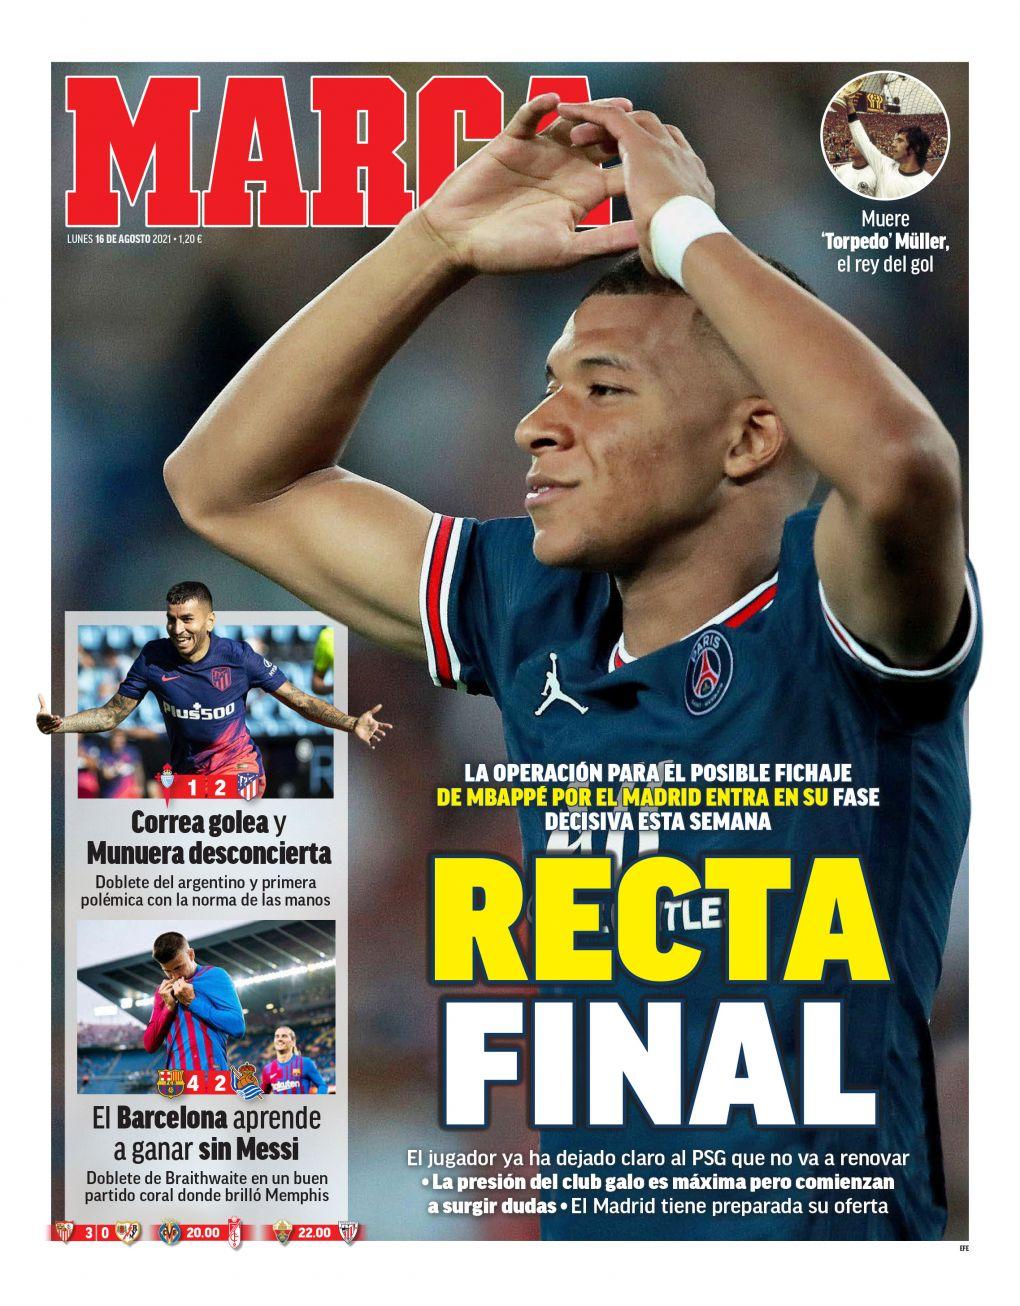 Documentos españoles de hoy: Atlético de Madrid y Barcelona aseguran victorias clave y el Real Madrid se acerca a Kylian Mbappé